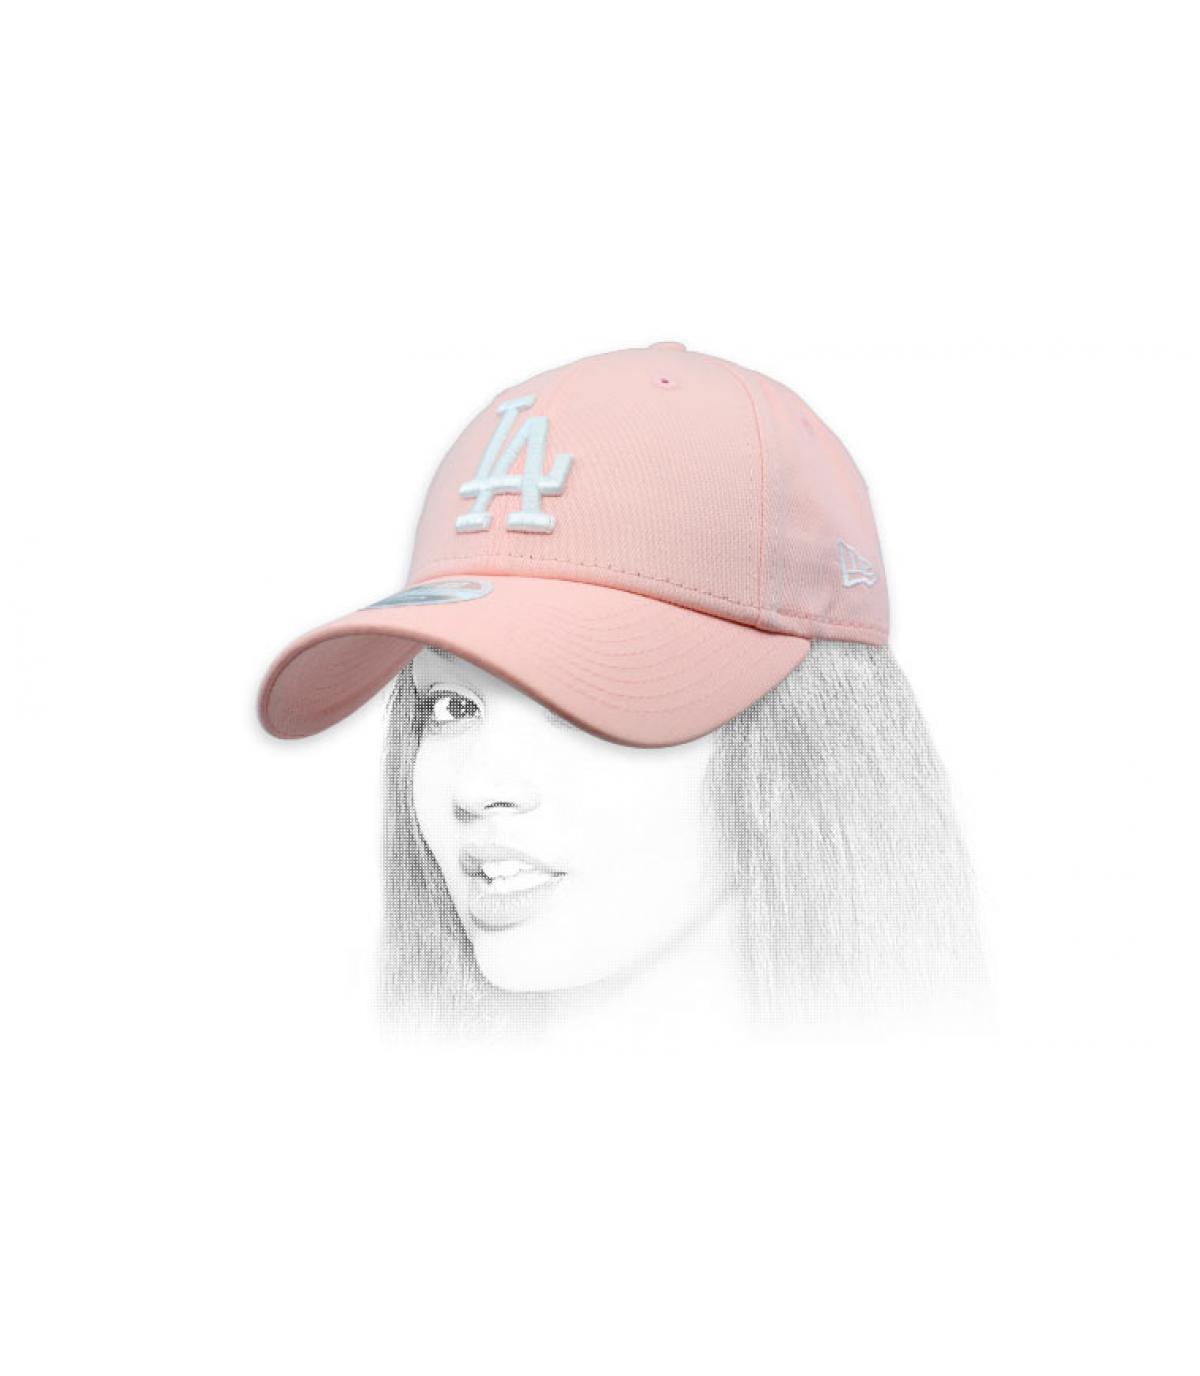 cap LA donna rosa